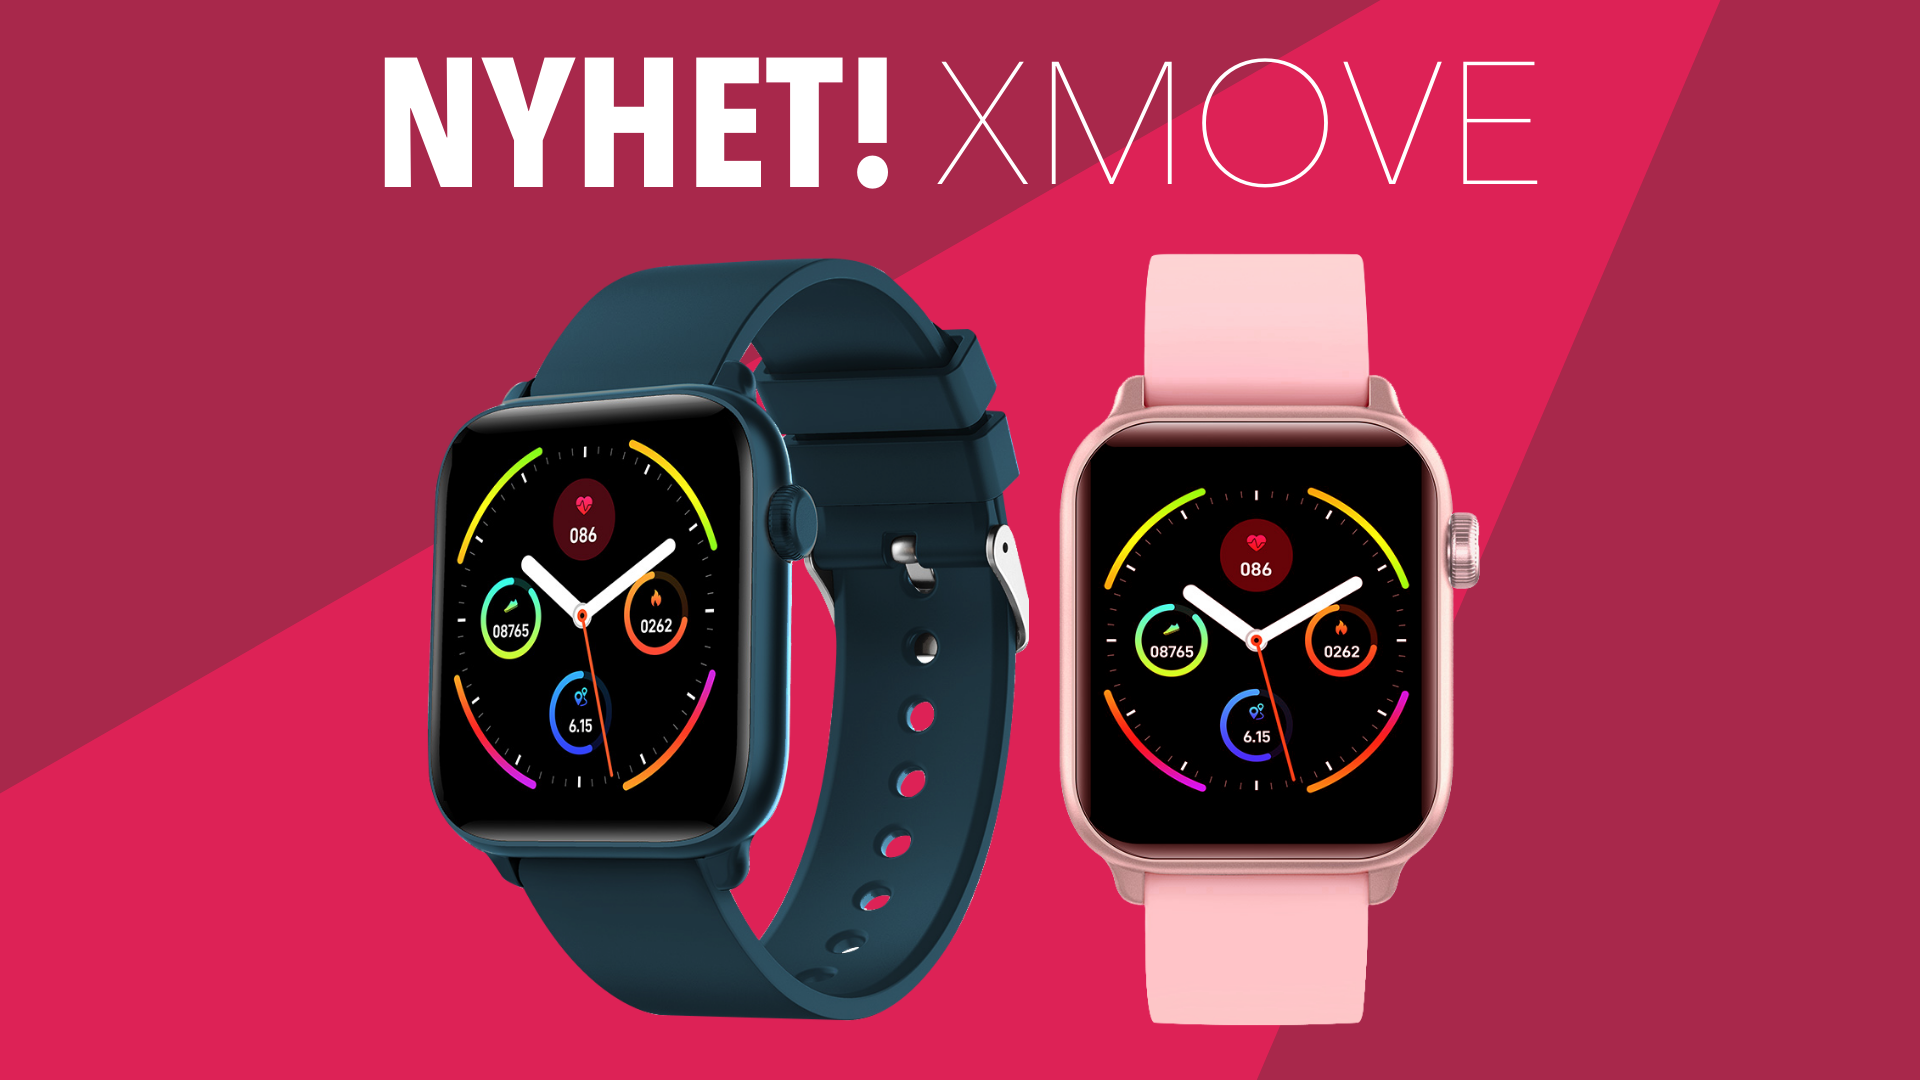 Nyhet XMOVE – Xplora presenterar ny aktivitetsklocka